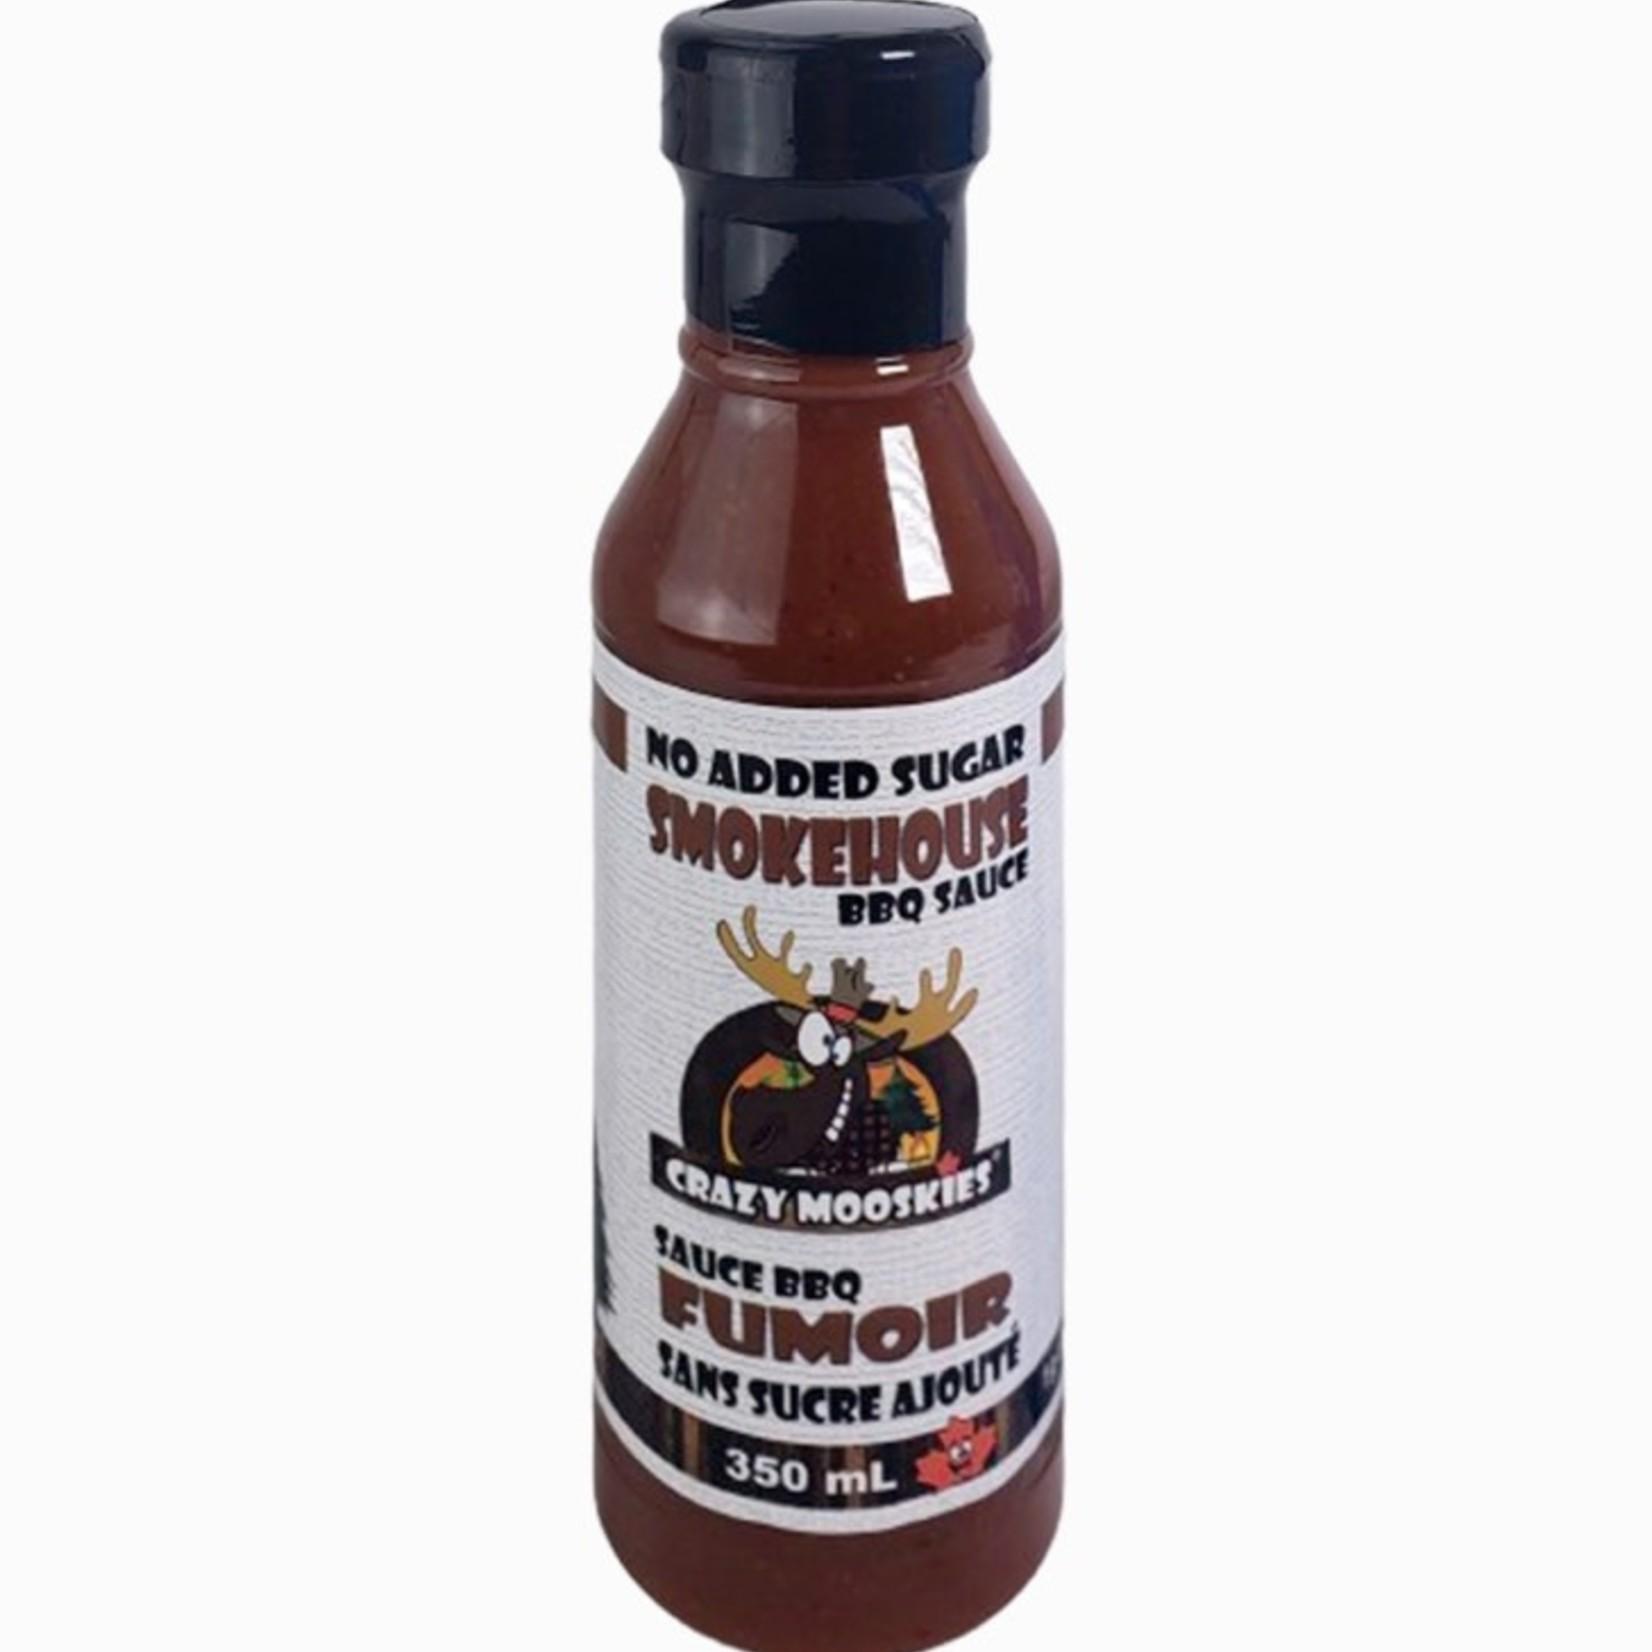 Crazy Mooskies Crazy Mooskies Smokehouse BBQ Sauce 350ml